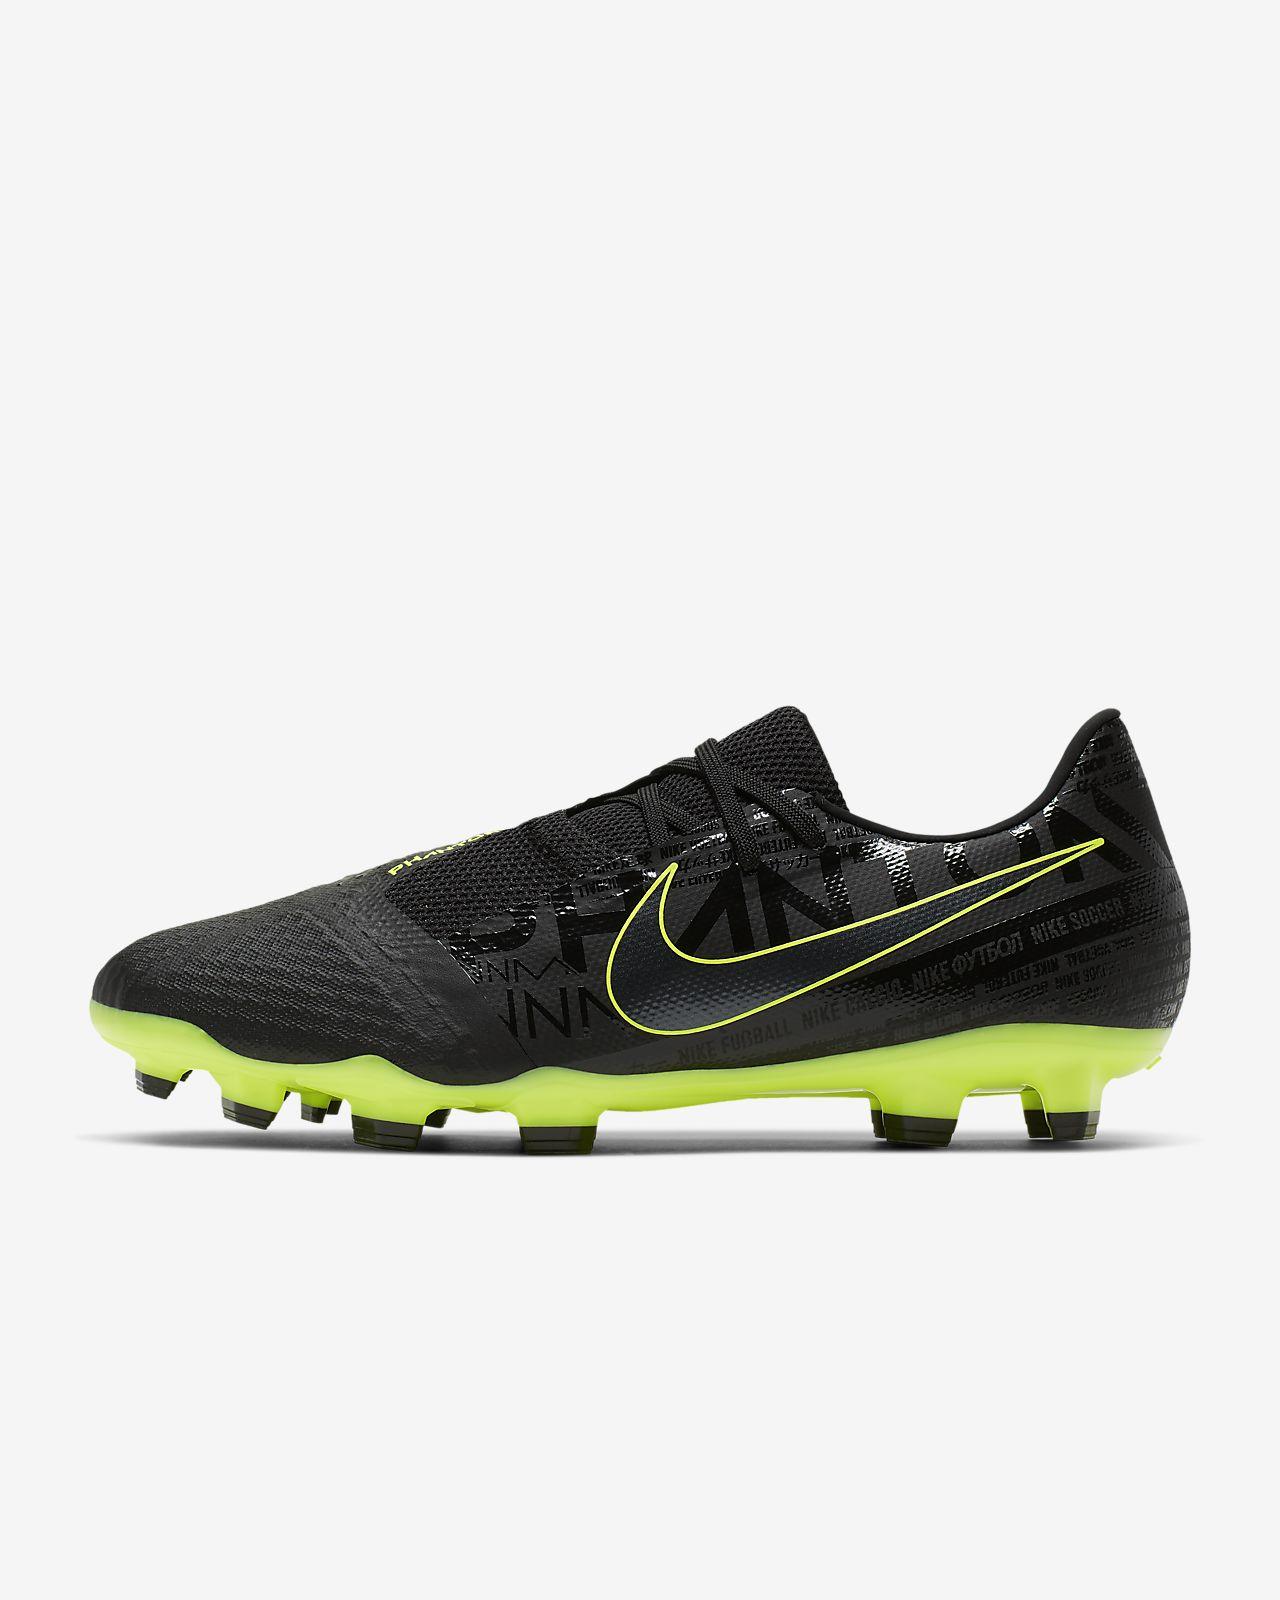 Ποδοσφαιρικό παπούτσι για σκληρές επιφάνειες Nike Phantom Venom Academy FG